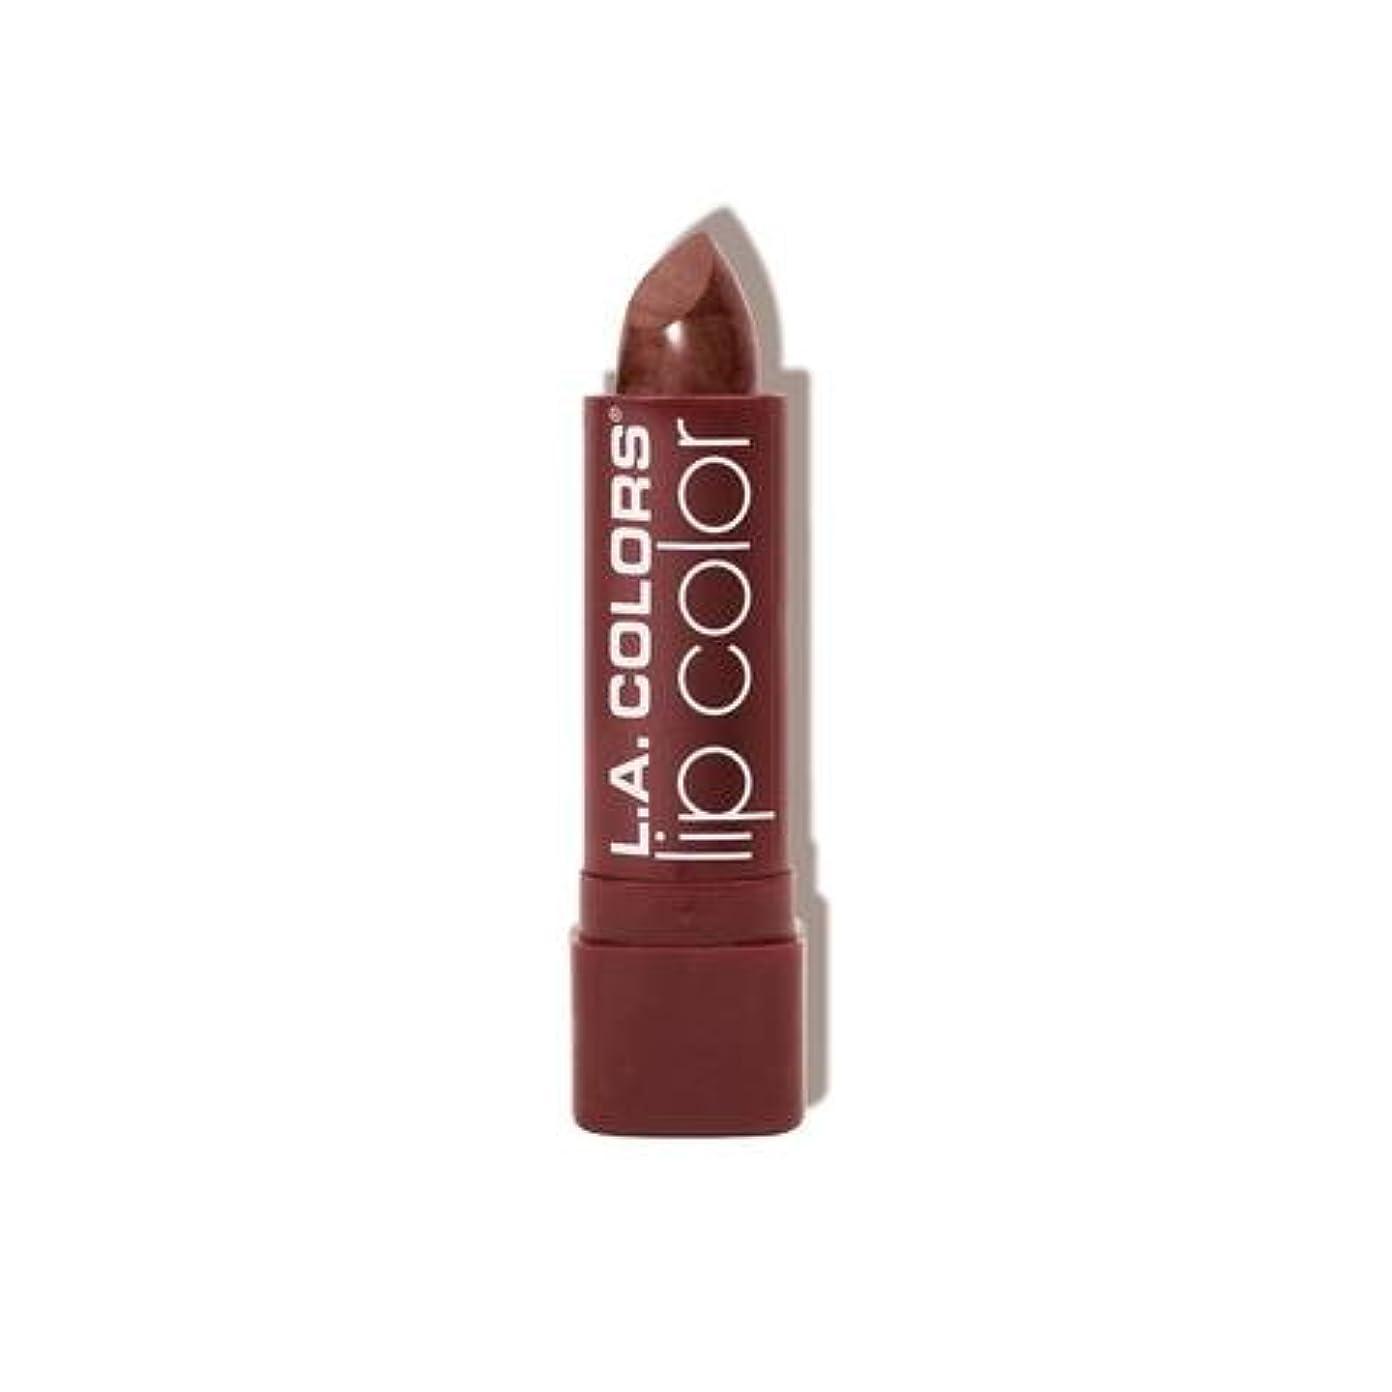 オンス好色な水族館L.A. COLORS Moisture Rich Lip Color - Cocoa Shimmer (並行輸入品)